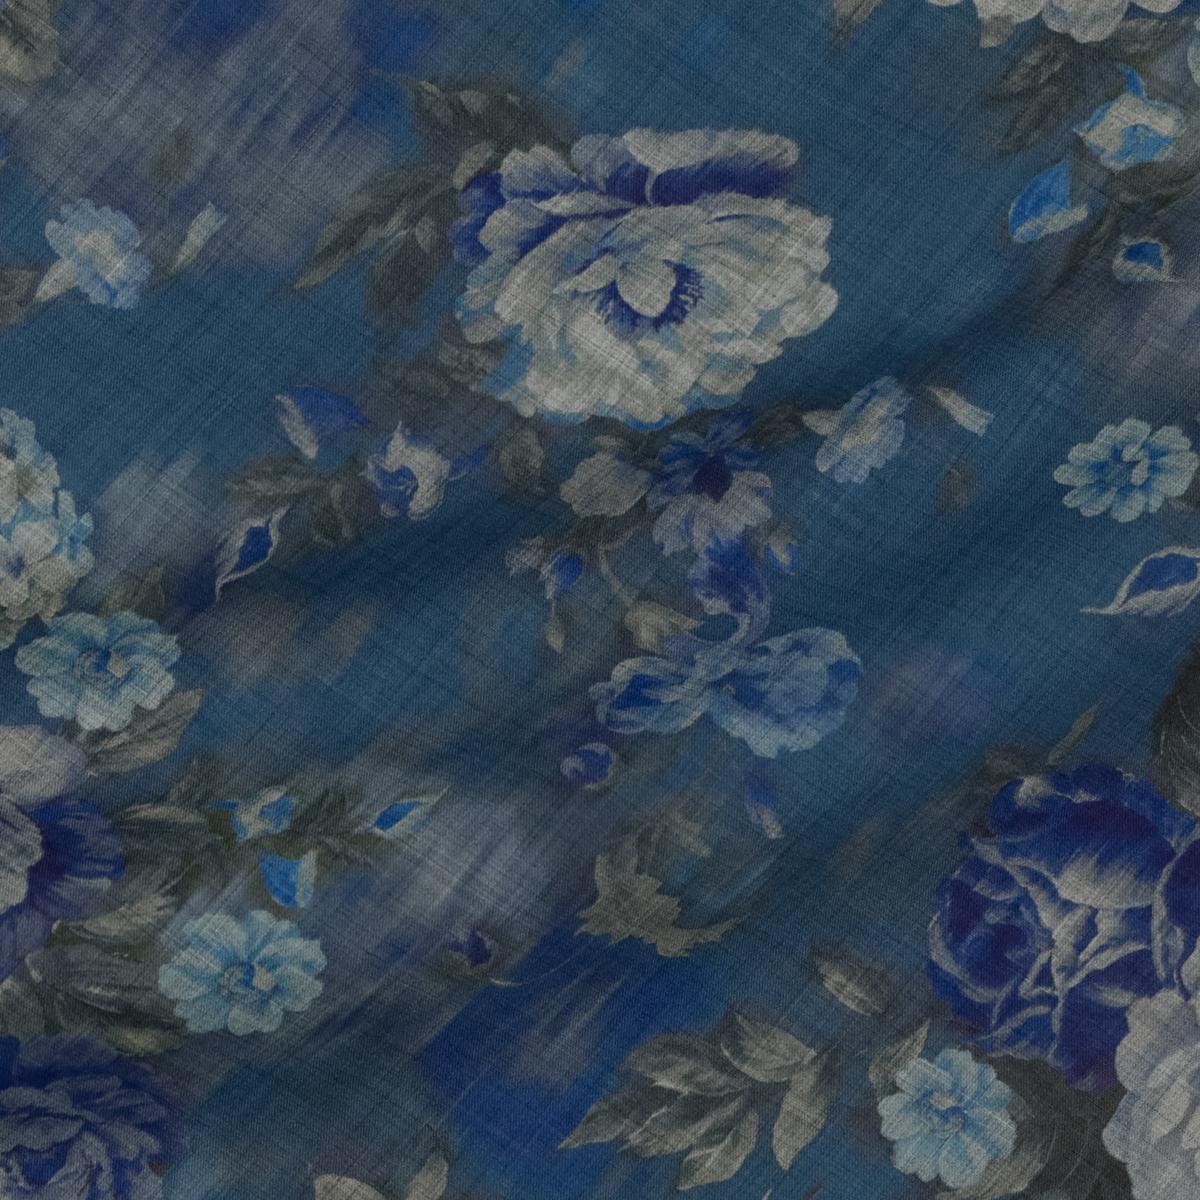 Тонкая шерстяная ткань с цветами в синих оттенках